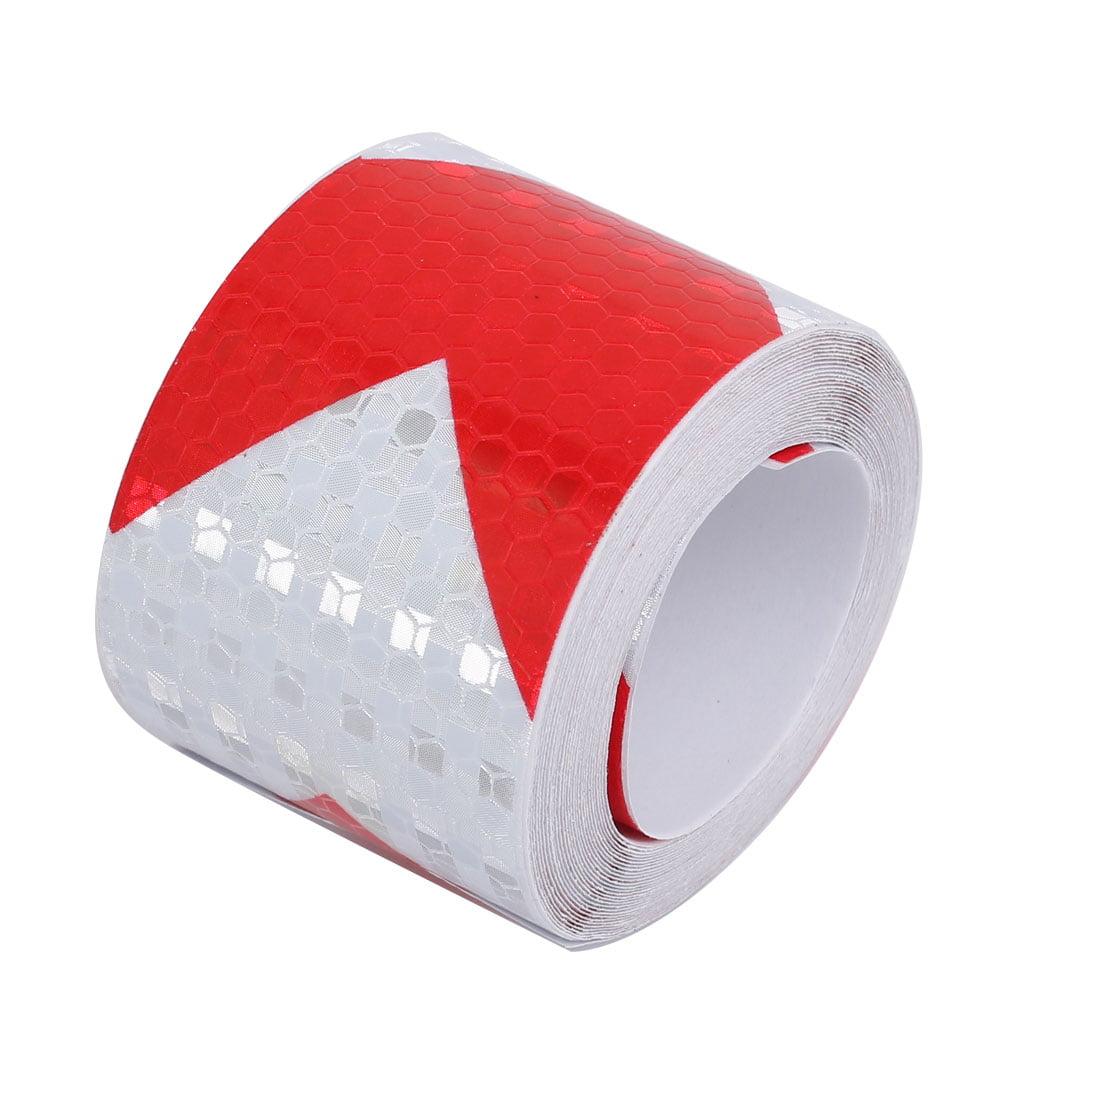 5cmx5m Honeycomb Sous-adhésif réfléchissant Avertissement Rouge Tilt Blanc - image 3 de 3